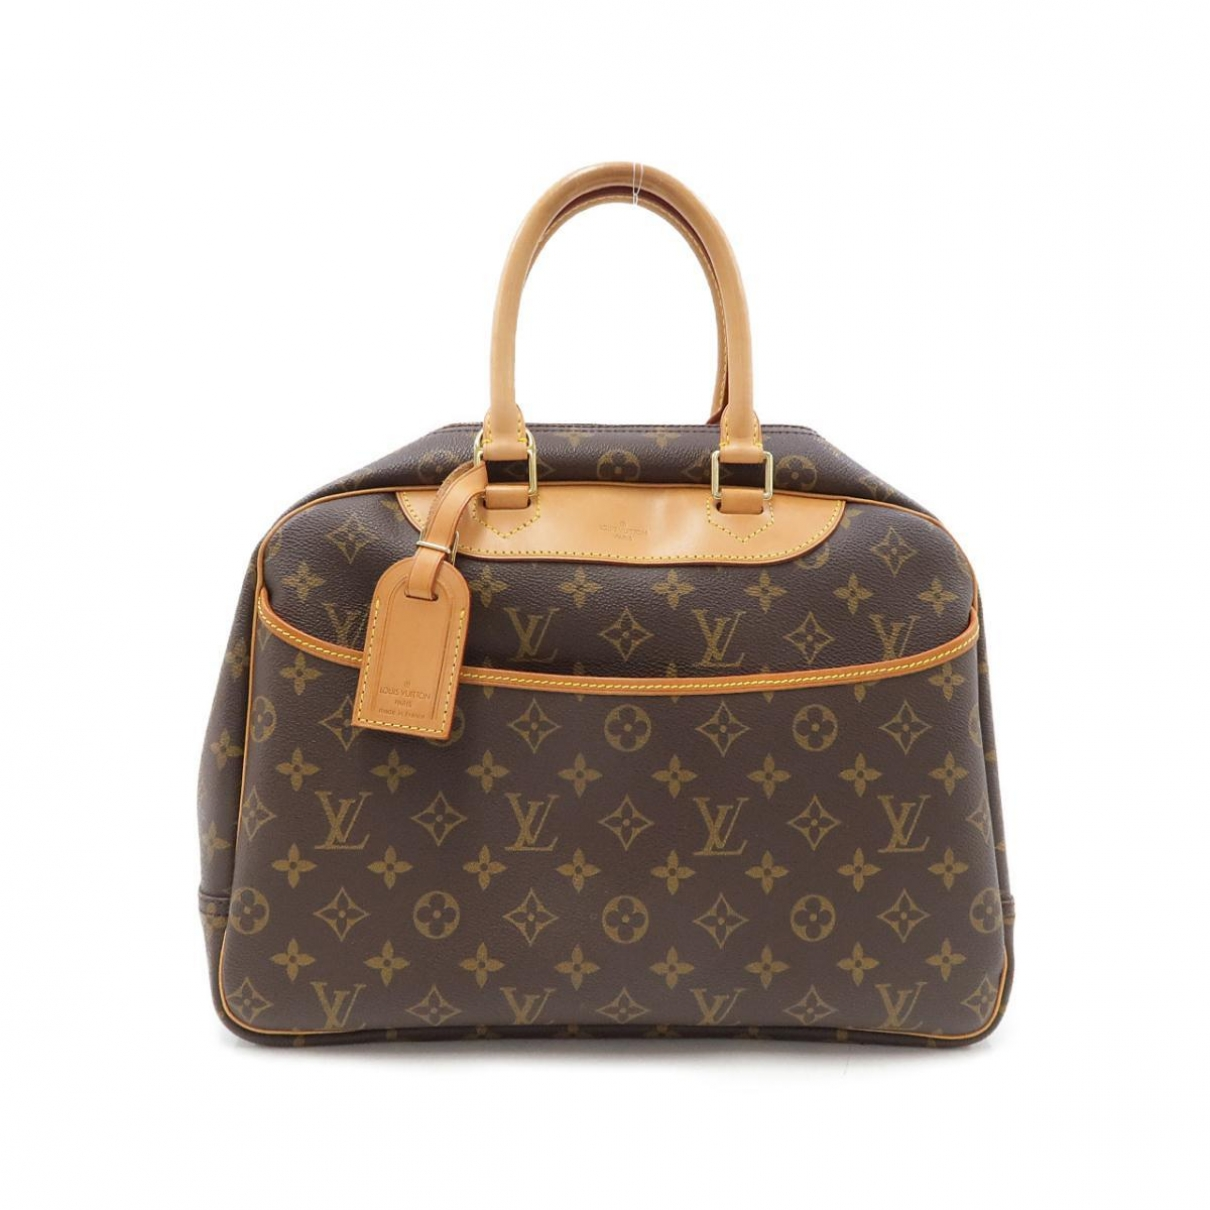 Louis Vuitton - Sac de voyage Trouville pour femme en toile - marron